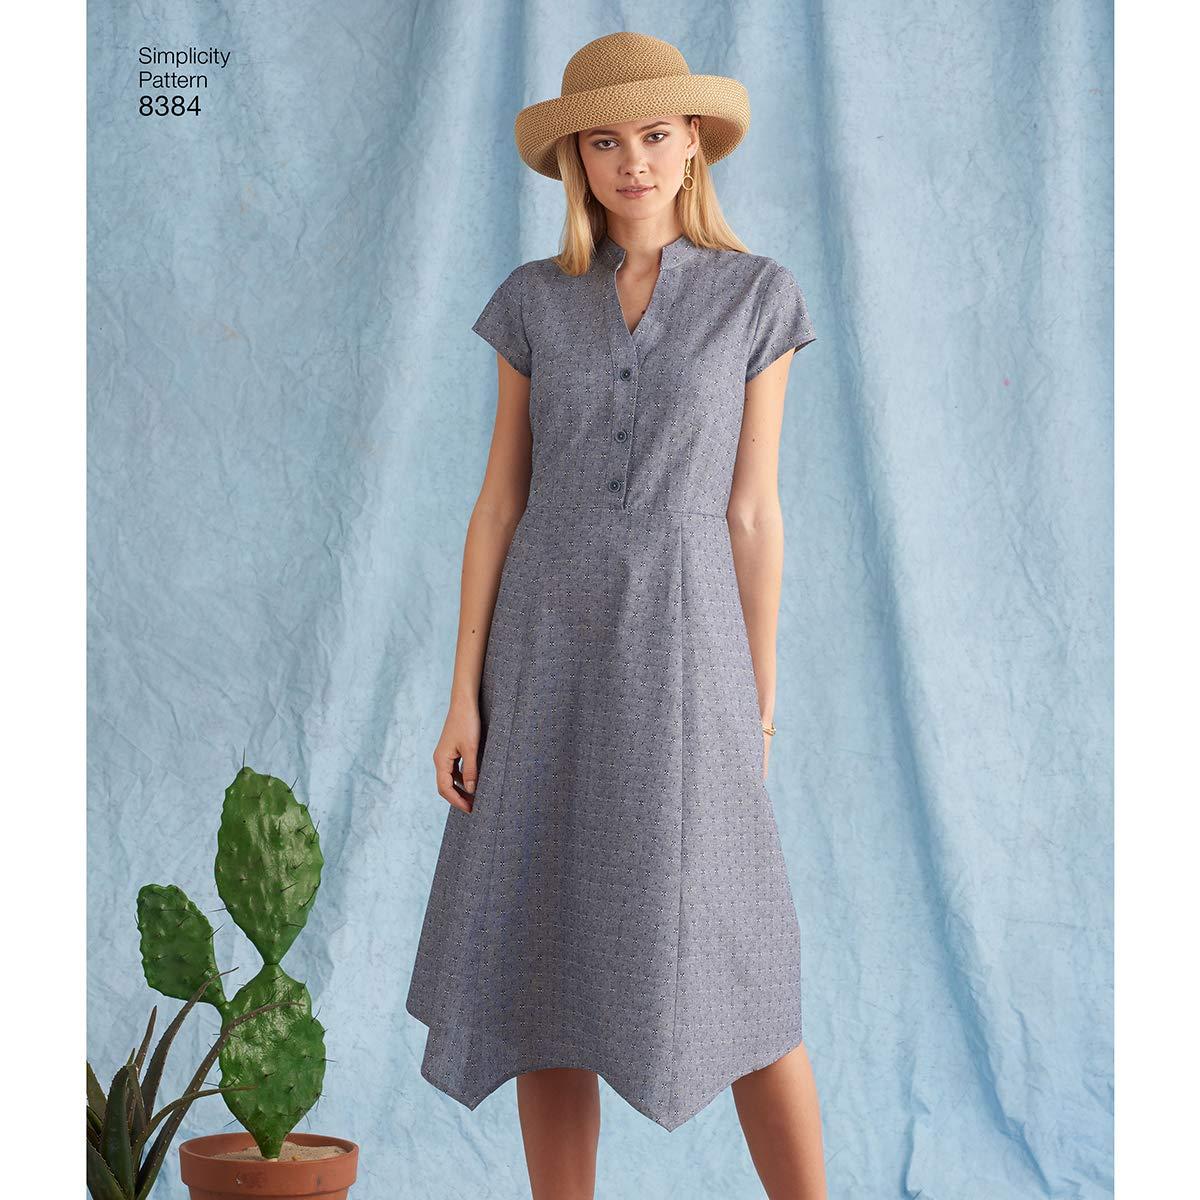 wei/ß 22/x 15/x 1/cm Simplicity Muster 8384/Damen Kleid mit L/änge Variationen und Top Papier